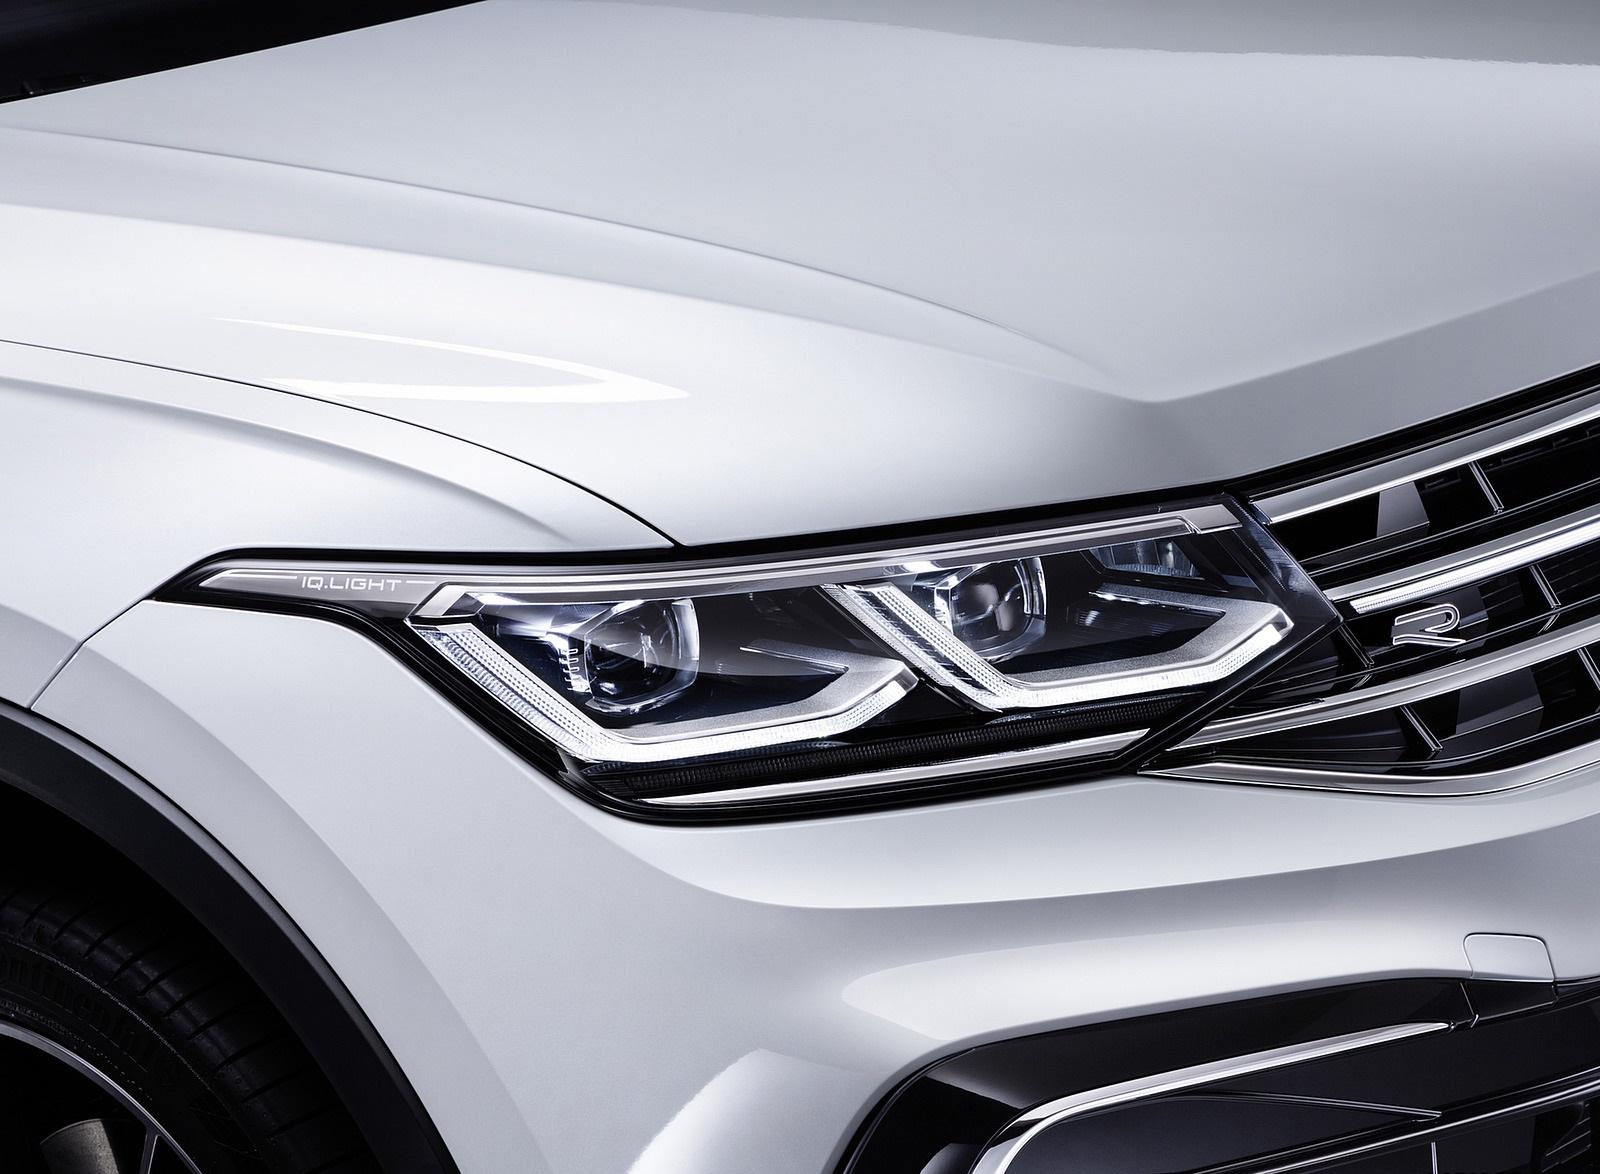 2022 Volkswagen Tiguan Allspace Headlight Wallpapers (10)